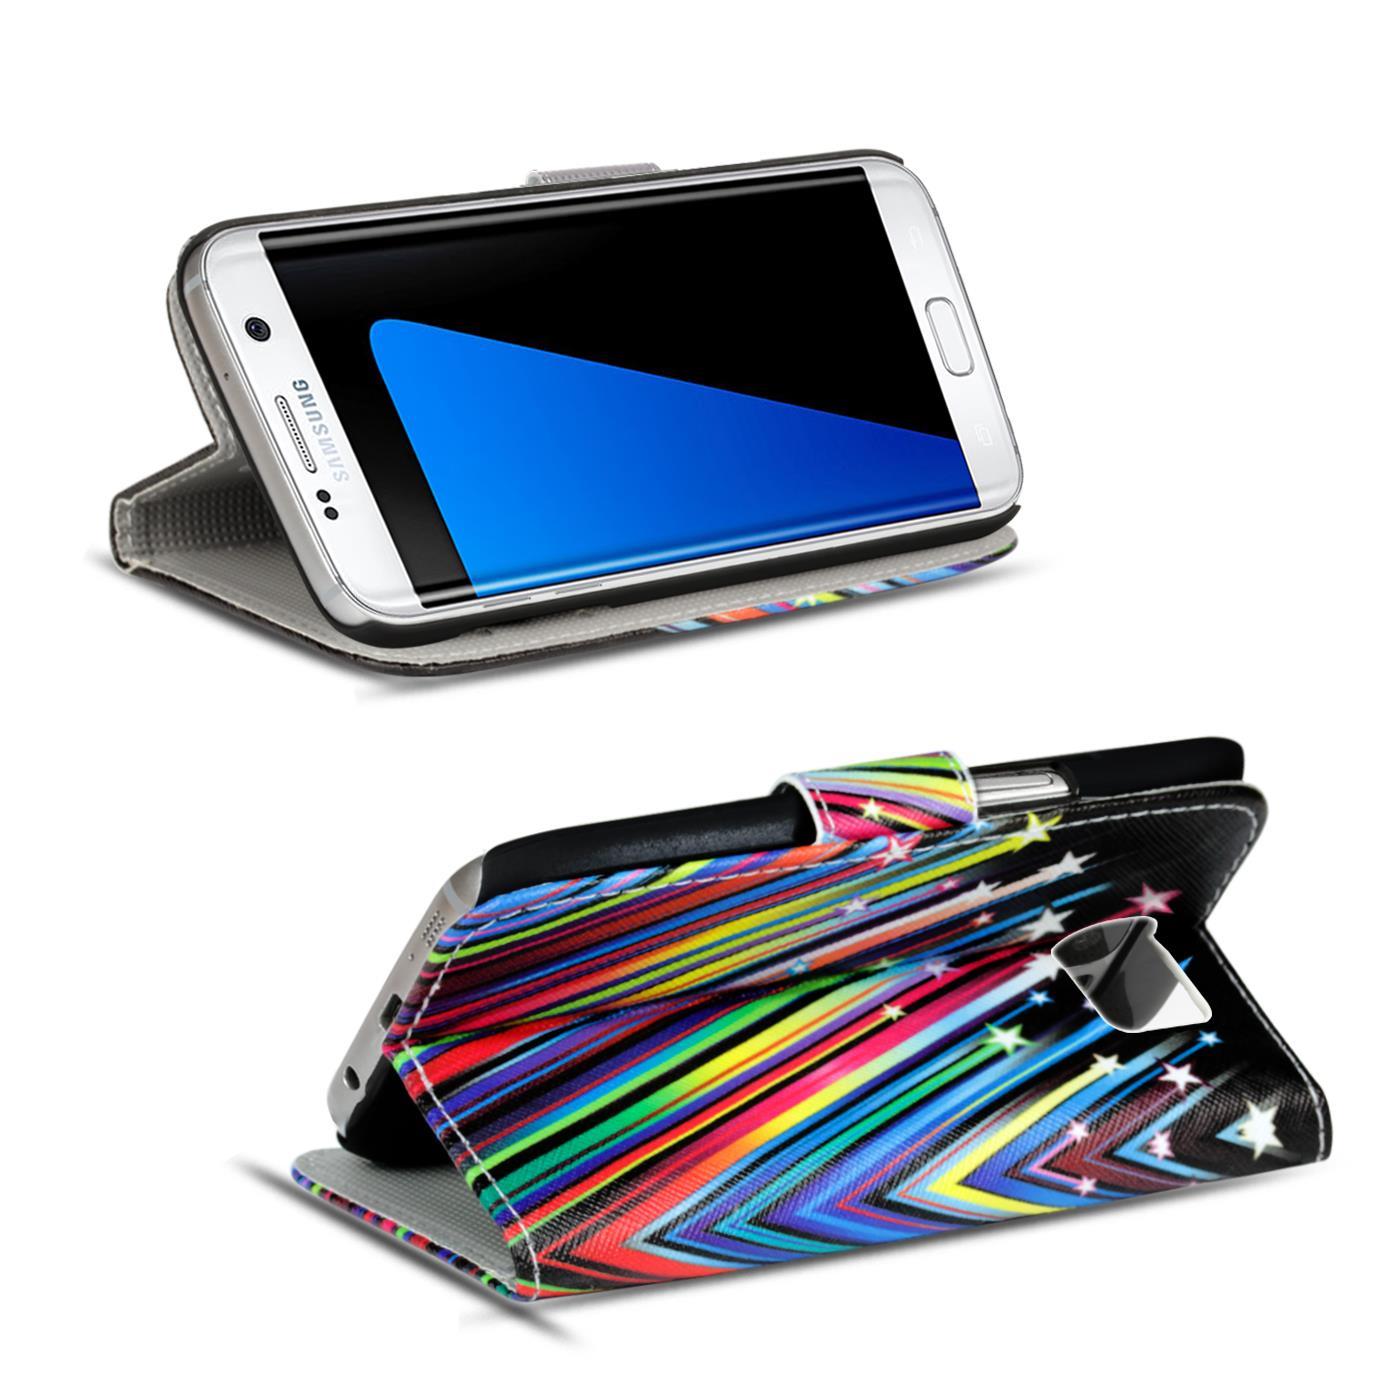 Schutz-Huelle-fuer-Samsung-Galaxy-Handy-Tasche-Flip-Cover-Wallet-Etui-Case-Schale Indexbild 23